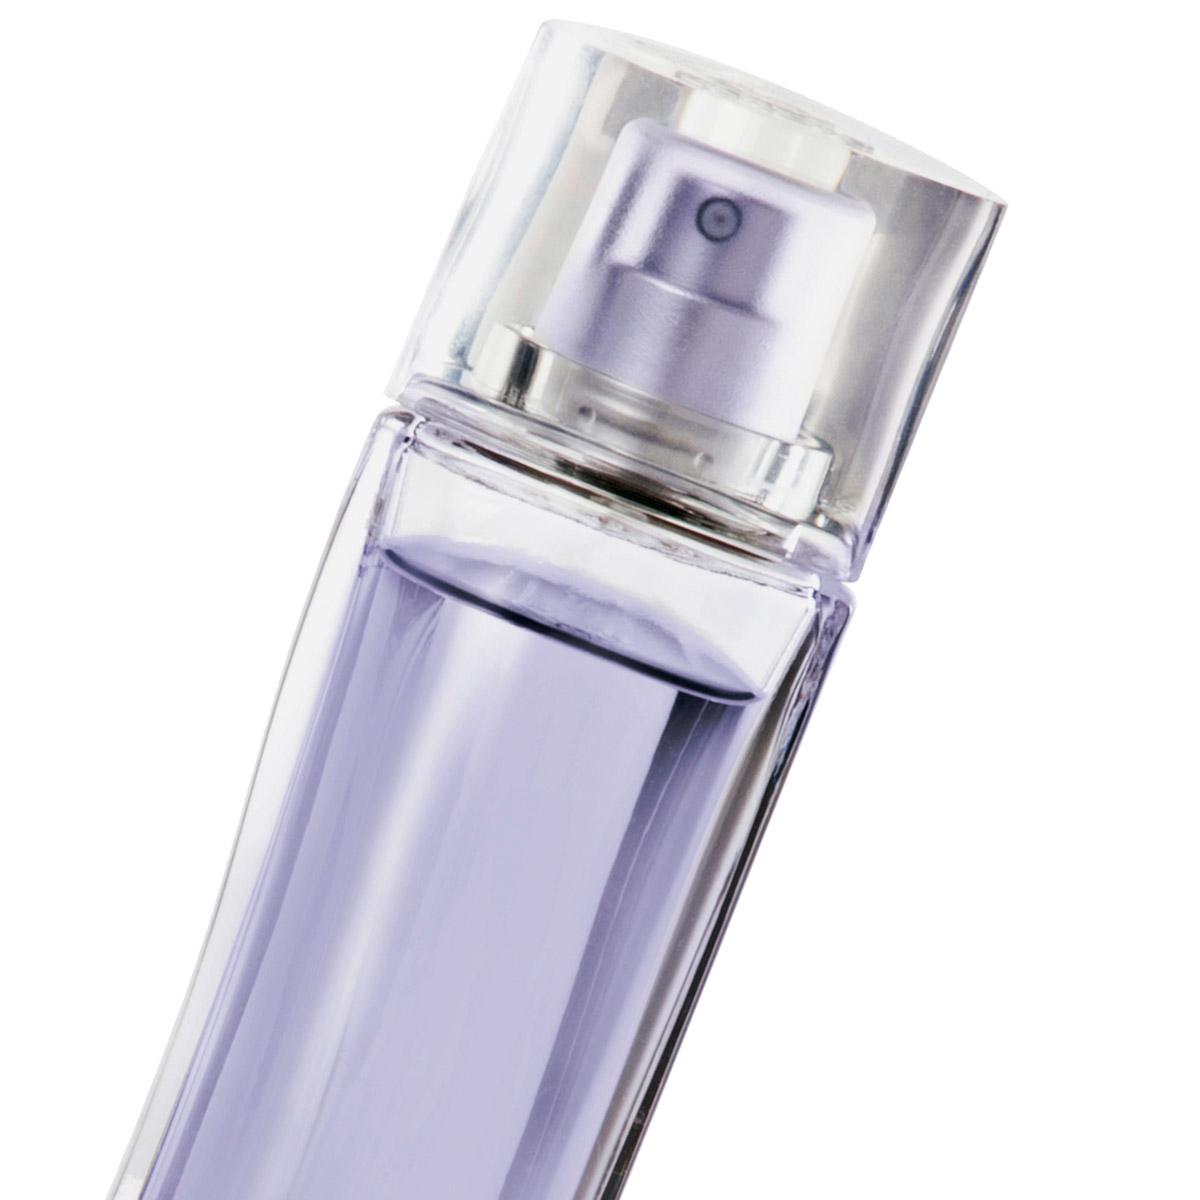 Desodorante Colônia Revelar Feminino - 75ml - 1342